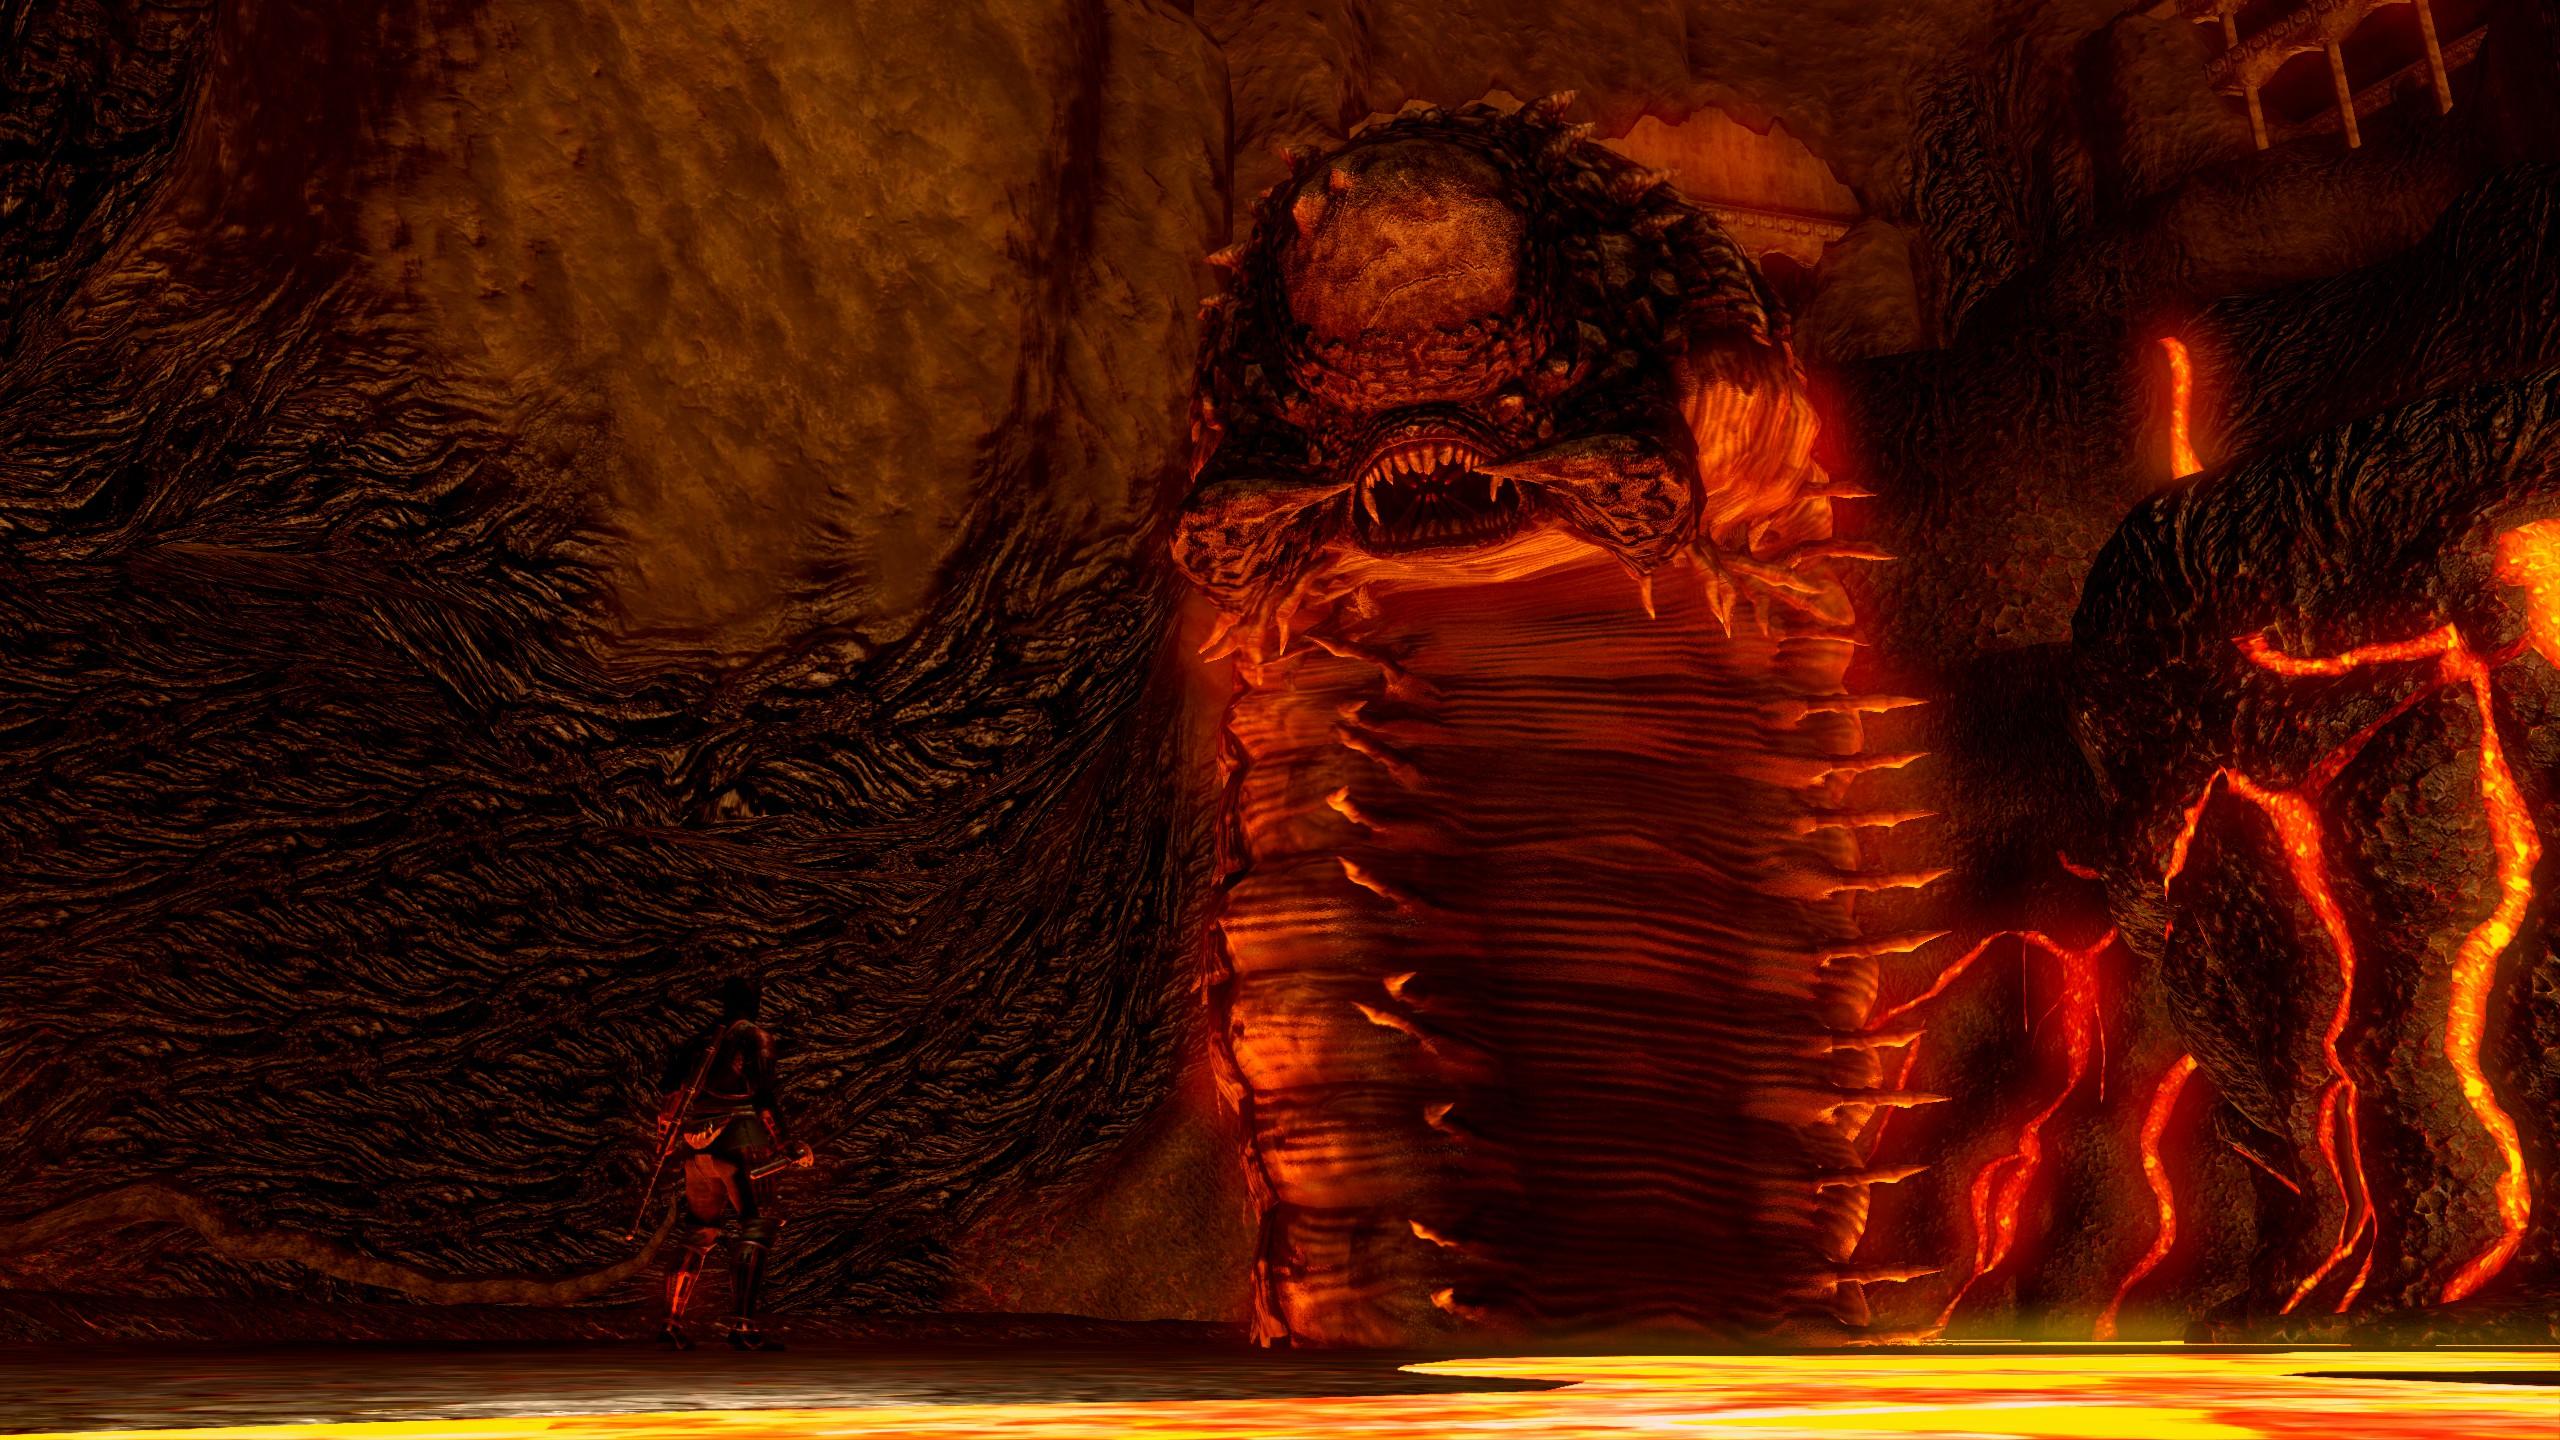 Фанатское продолжение Dark Souls: Nightfall выйдет за месяц до релиза Elden Ring